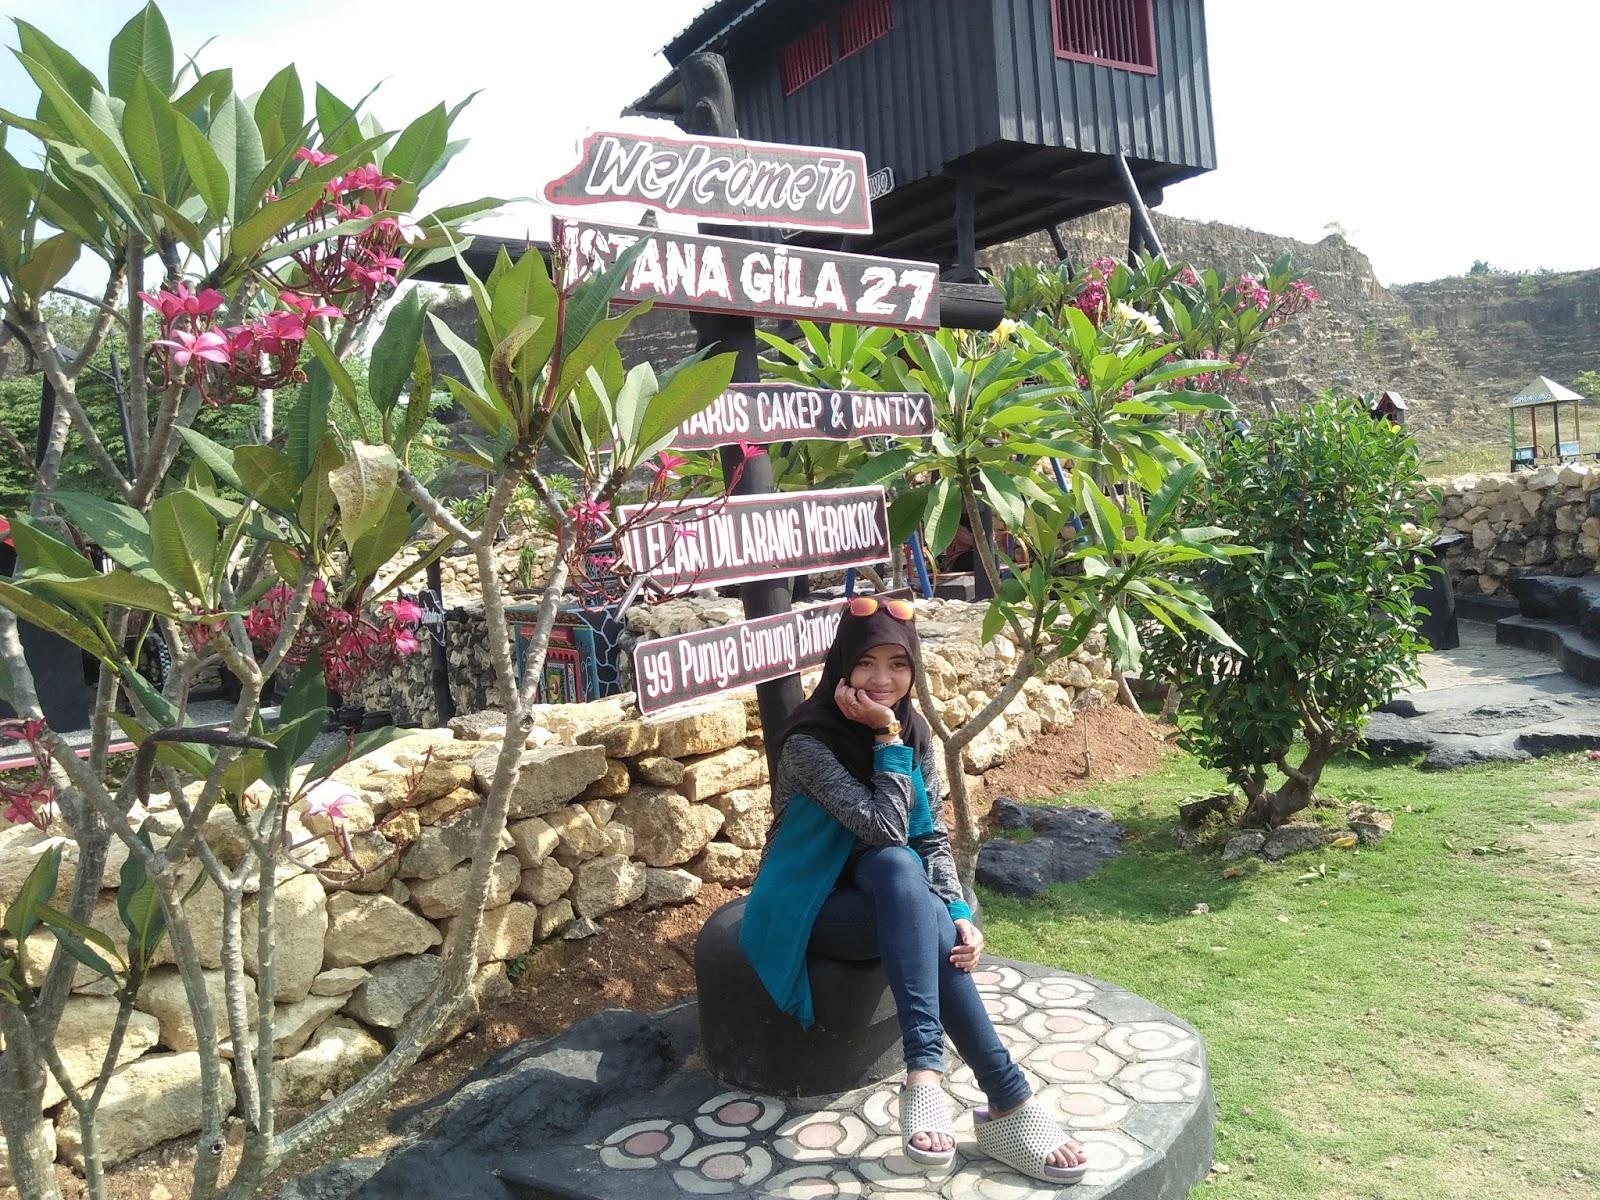 Pariwisata Tugu Mantup Lamongan Jawa Timur Gunung Emas 27 Tempat